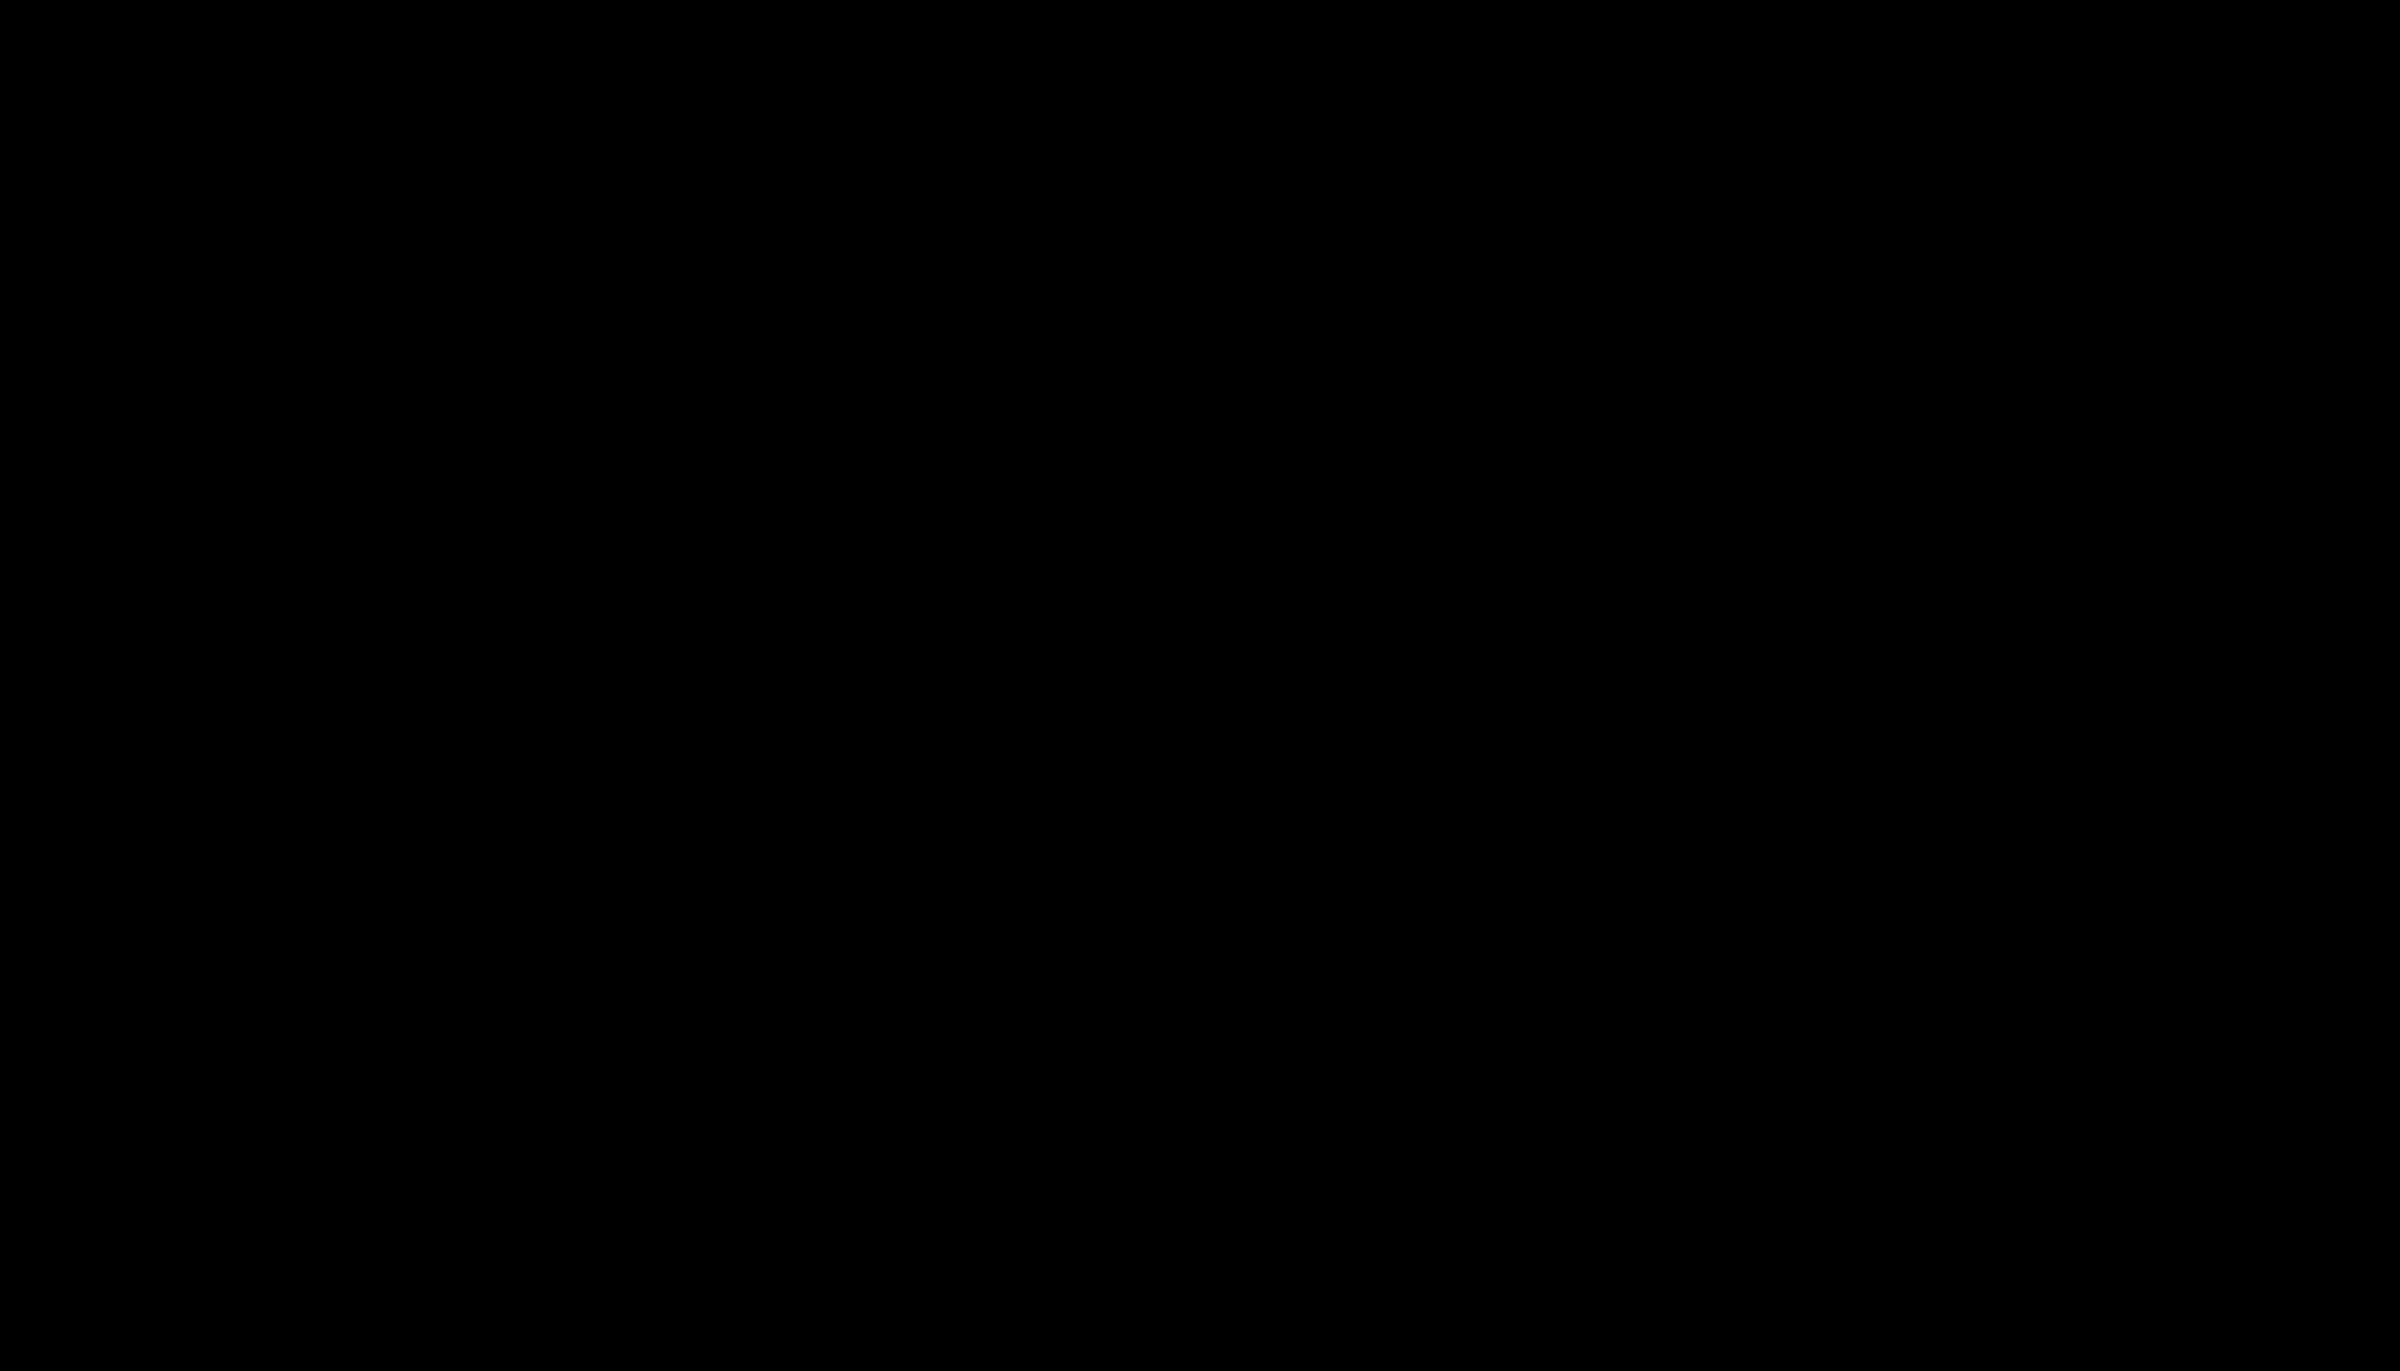 Reeds PNG - 75531